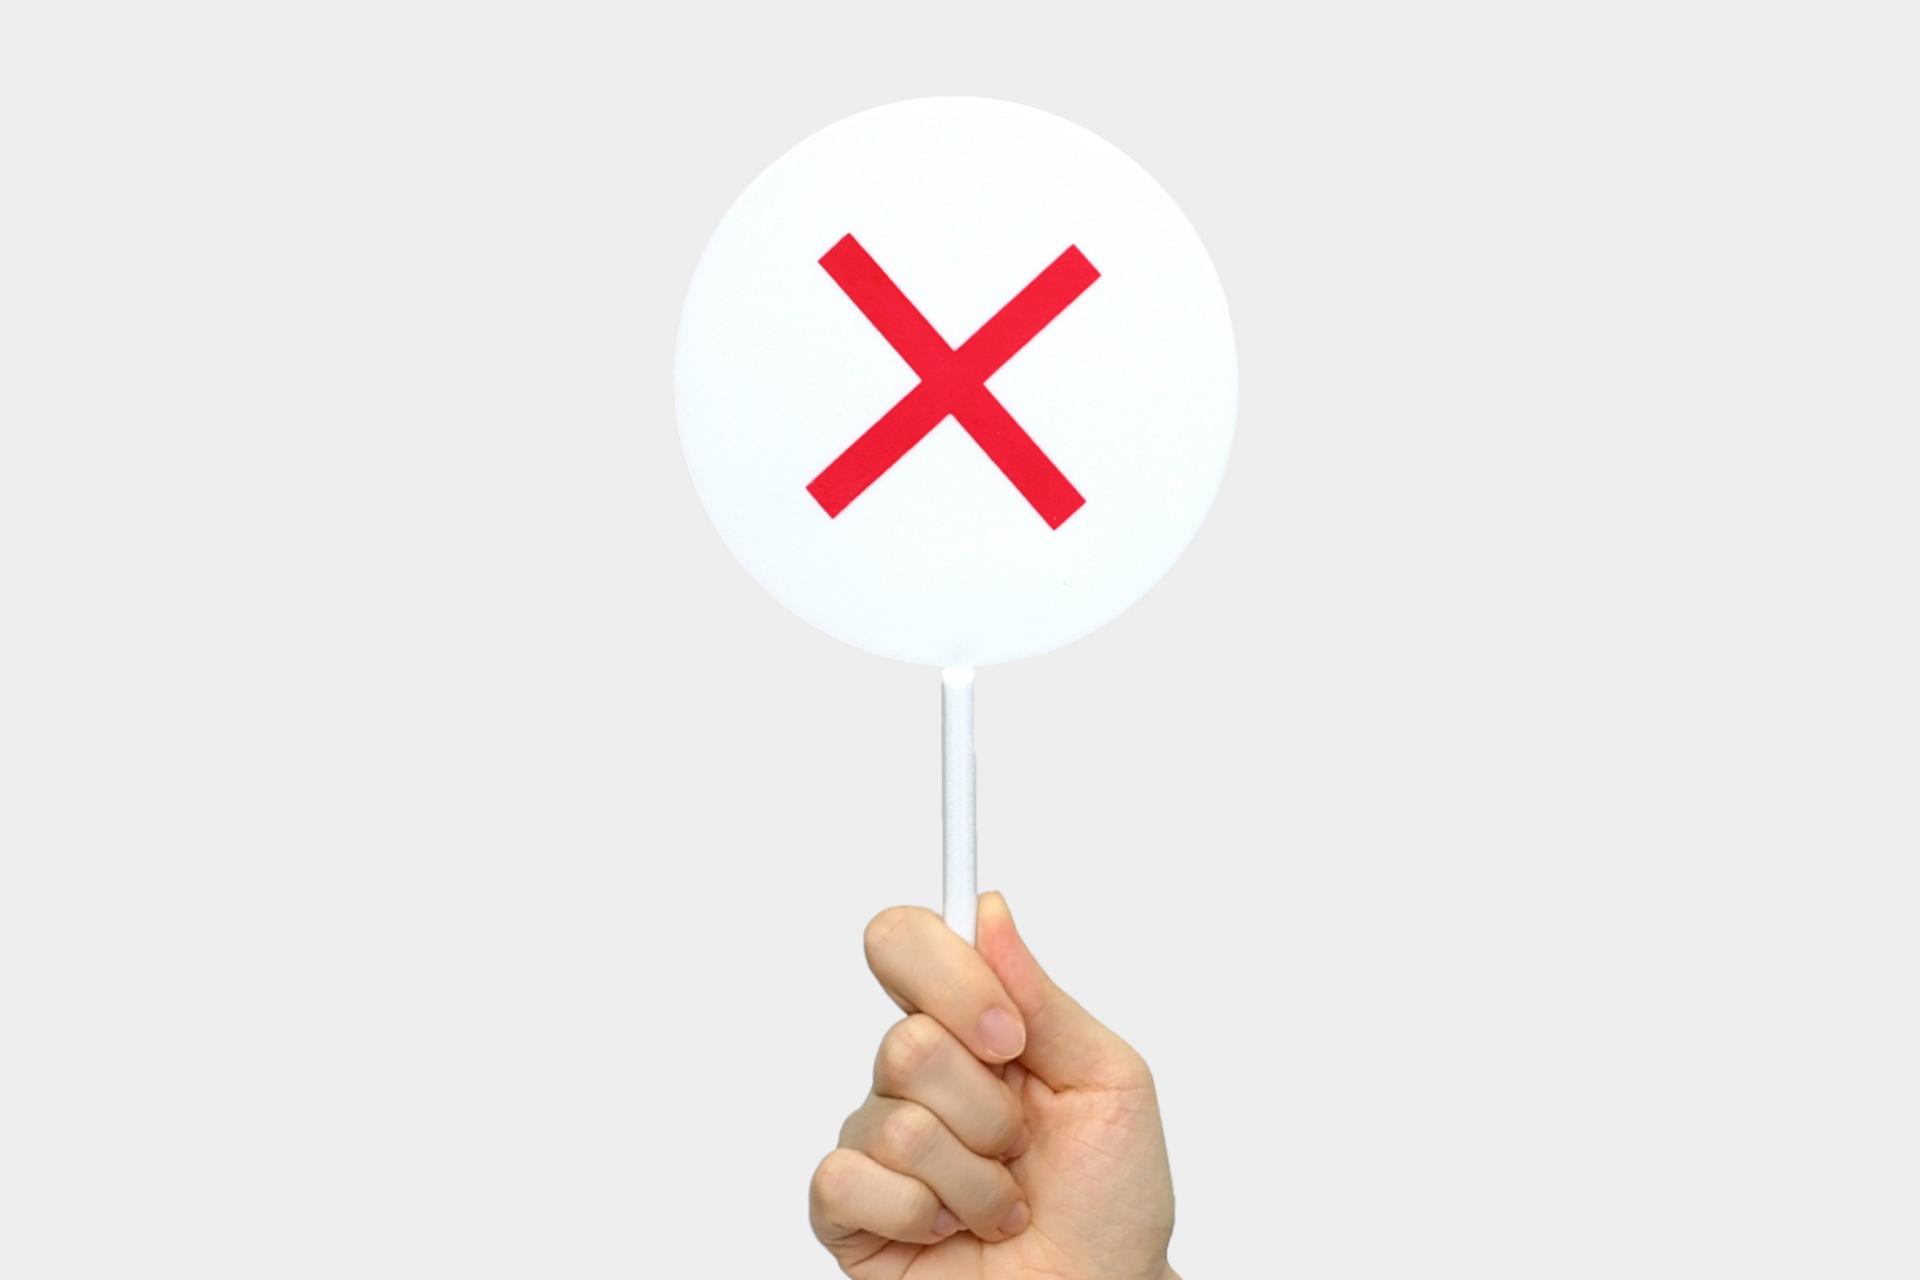 無断転載の禁止を英語で何と言う?転載禁止に関する例文も紹介